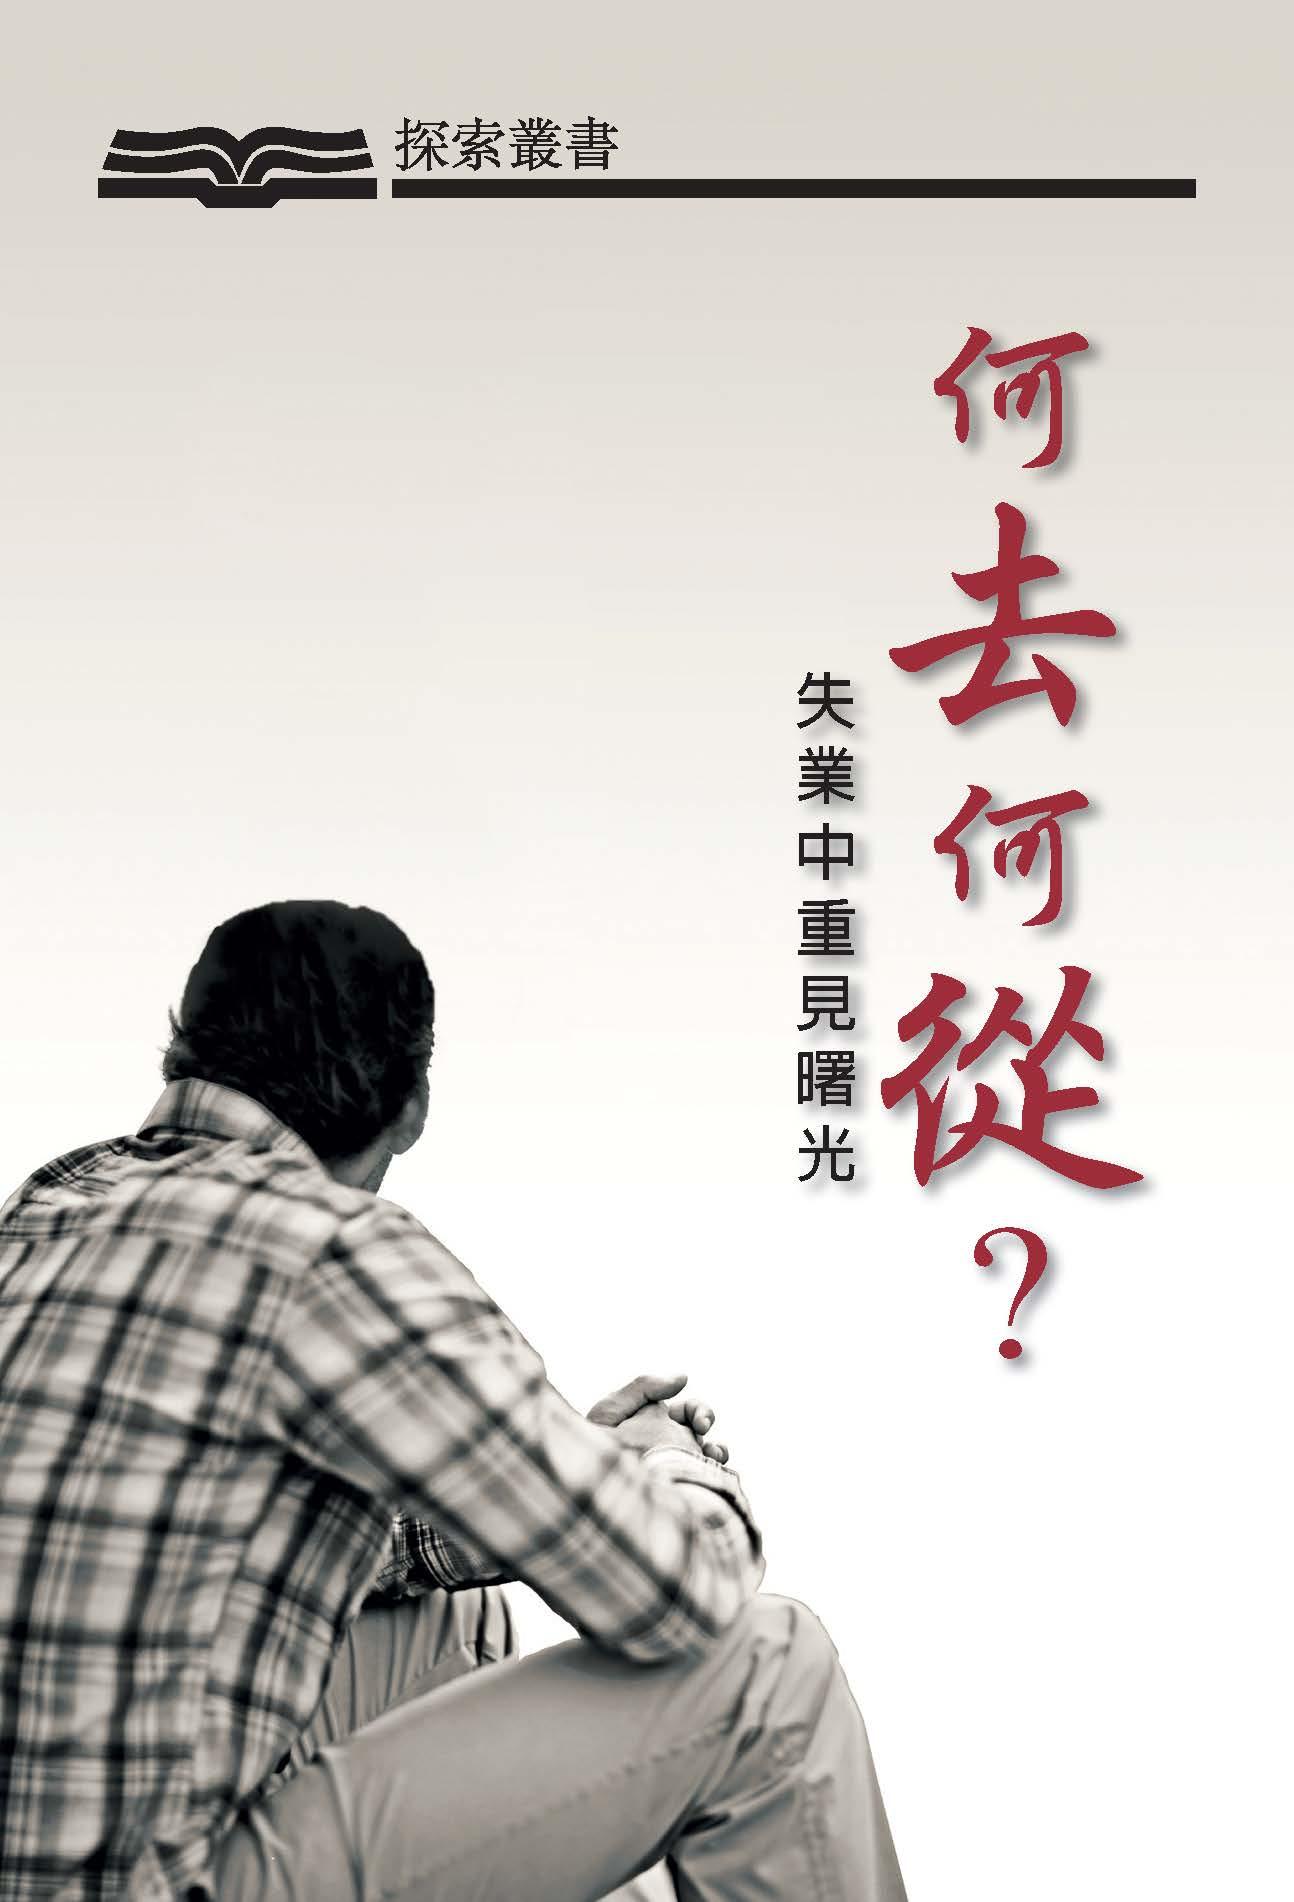 何去何從?   靈命日糧繁體中文網站